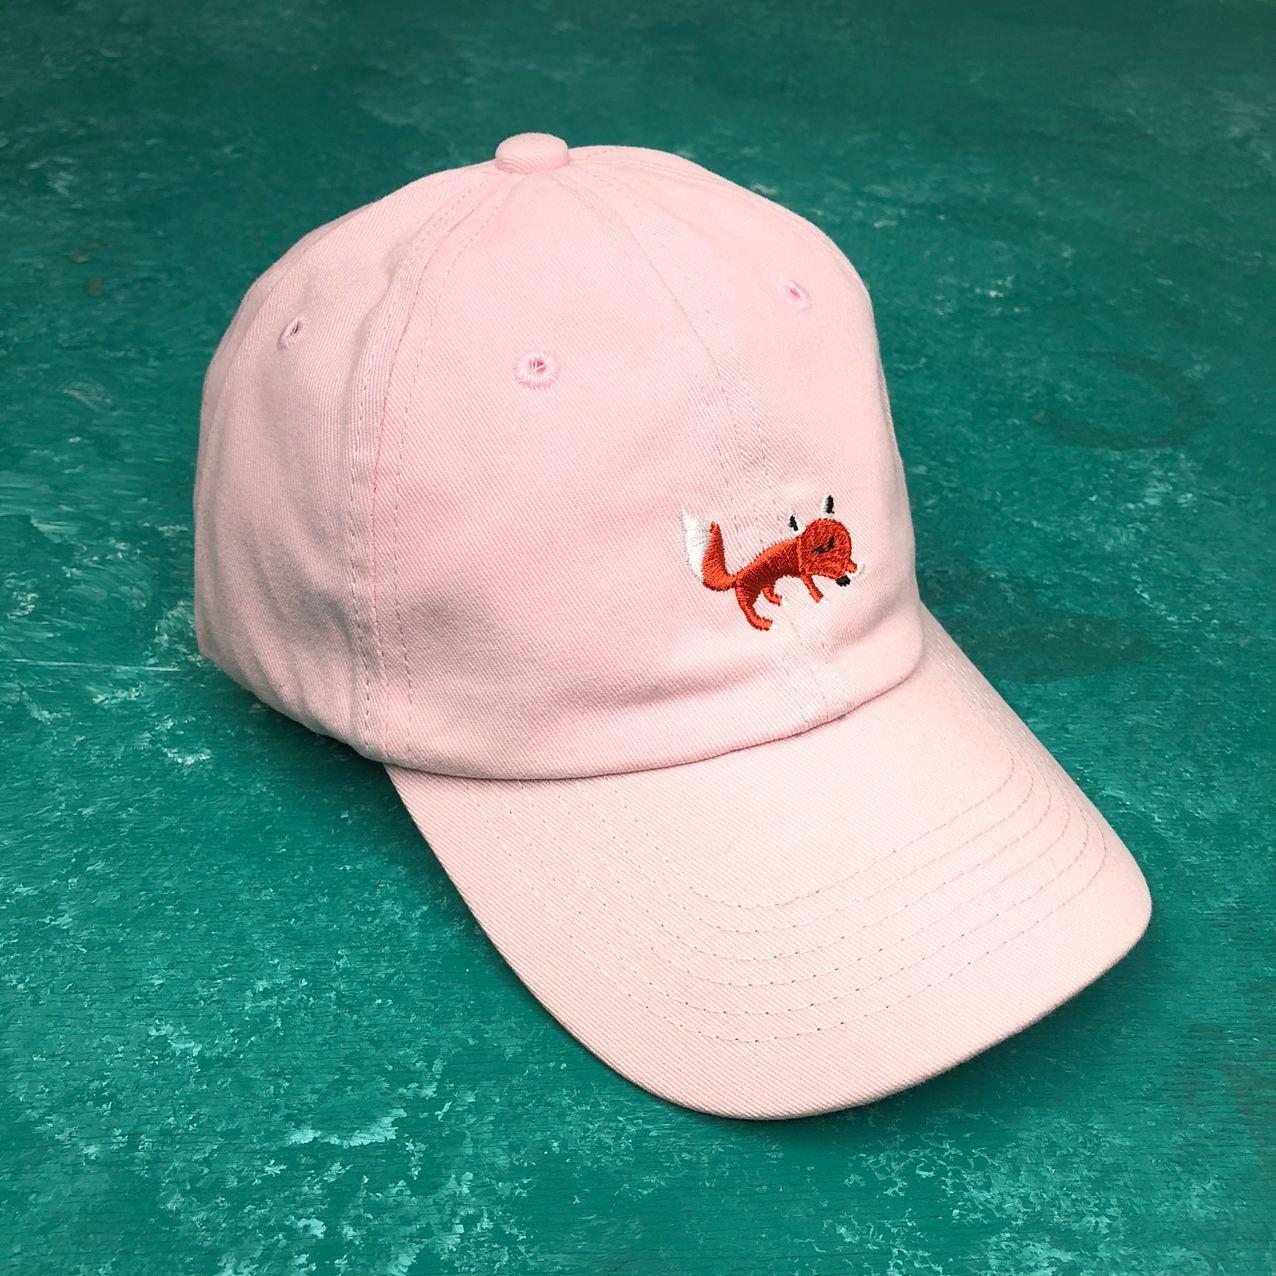 Кепка Бейсболка Мужская Женская City-A Fox с Лисой Розовая